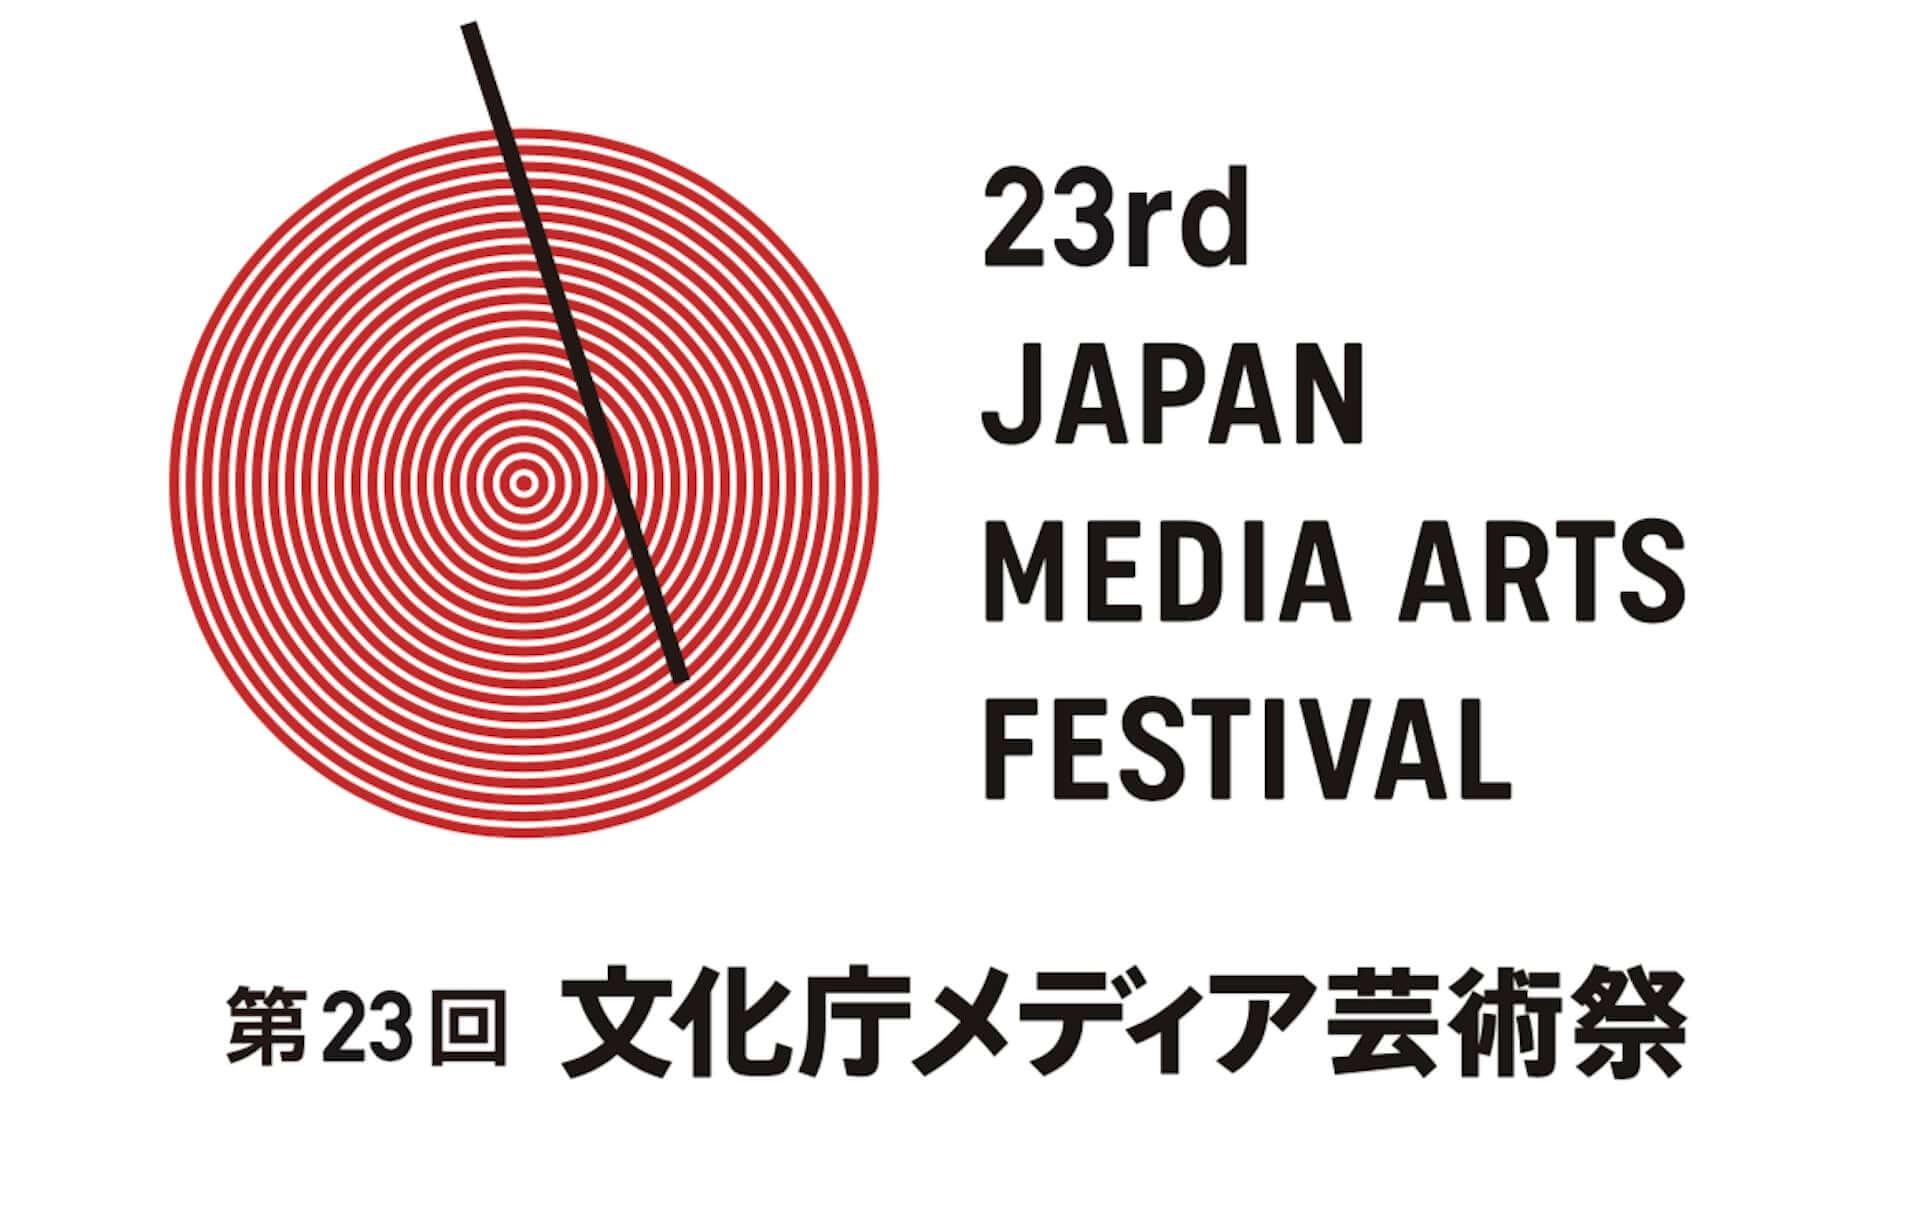 <第23回文化庁メディア芸術祭>広報企画の詳細が公開!「MAPP_」が手掛けるプロジェクションマッピングも art200910_art-meets-tokyo_8-1920x1222